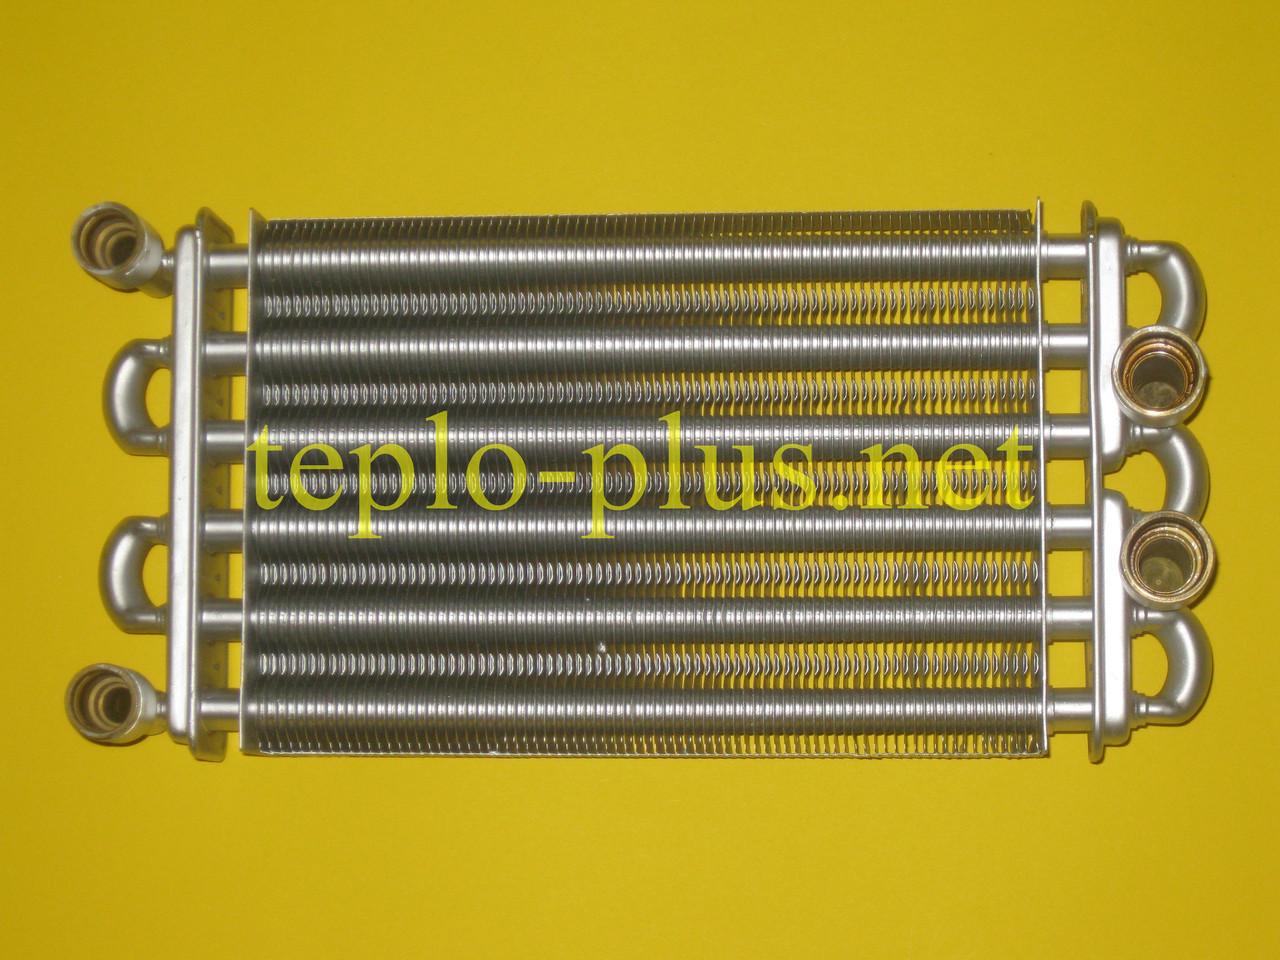 Теплообменник битермический 24 кВт L44626 Rocterm Diamond TRD-B26, Praga 24 кВт